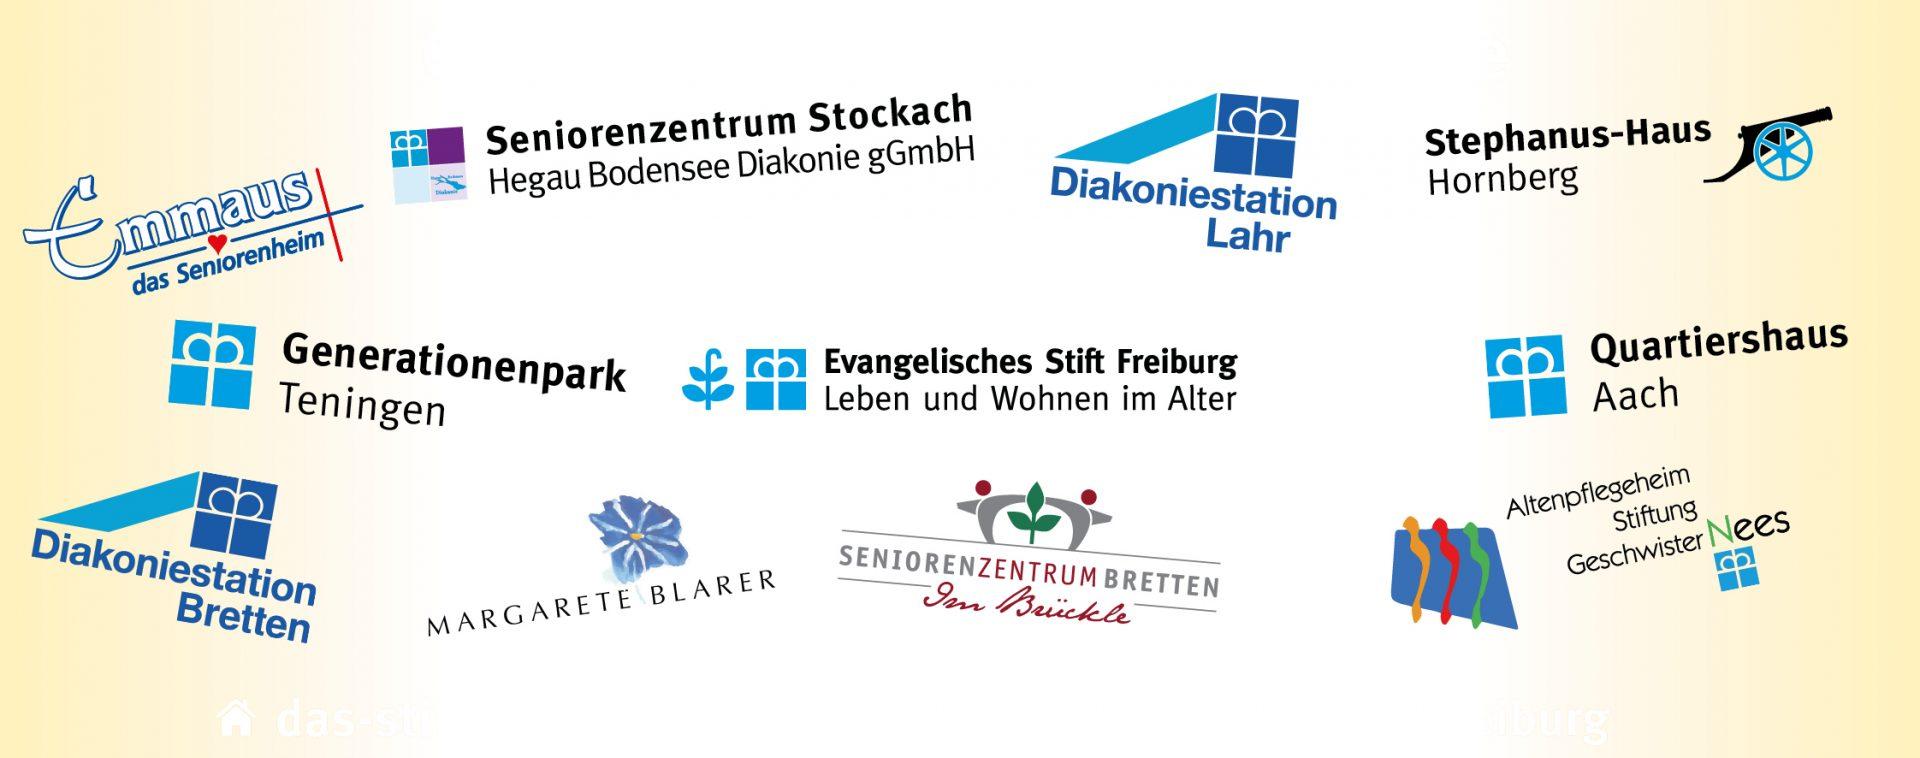 2020-04-29-stiftsverbund-evangelisches-stift-freiburg-bunt-verbunden-1920x758